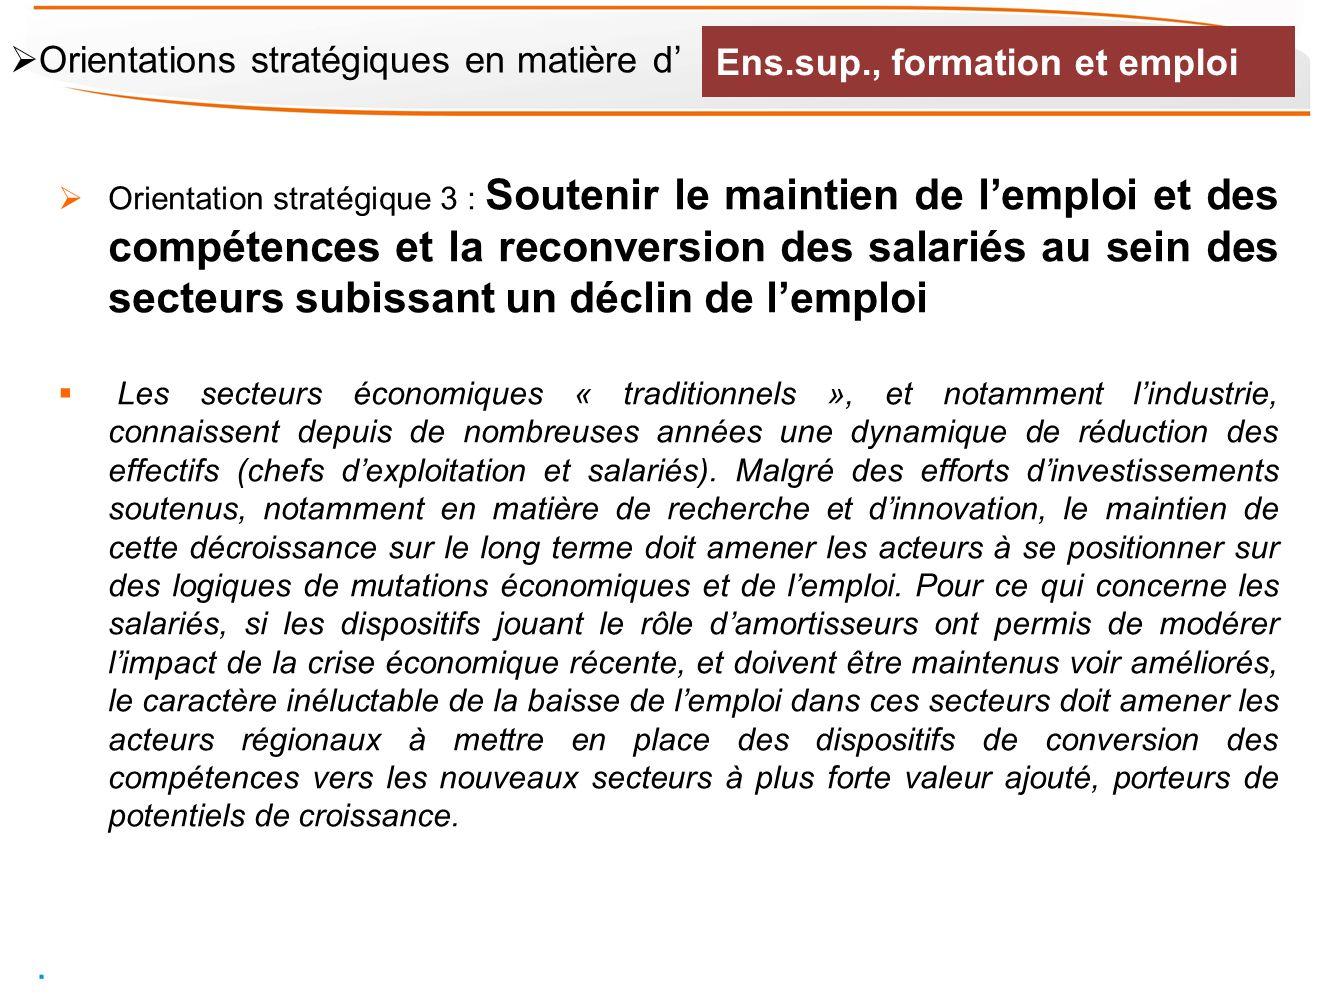 Orientation stratégique 3 : Soutenir le maintien de lemploi et des compétences et la reconversion des salariés au sein des secteurs subissant un décli